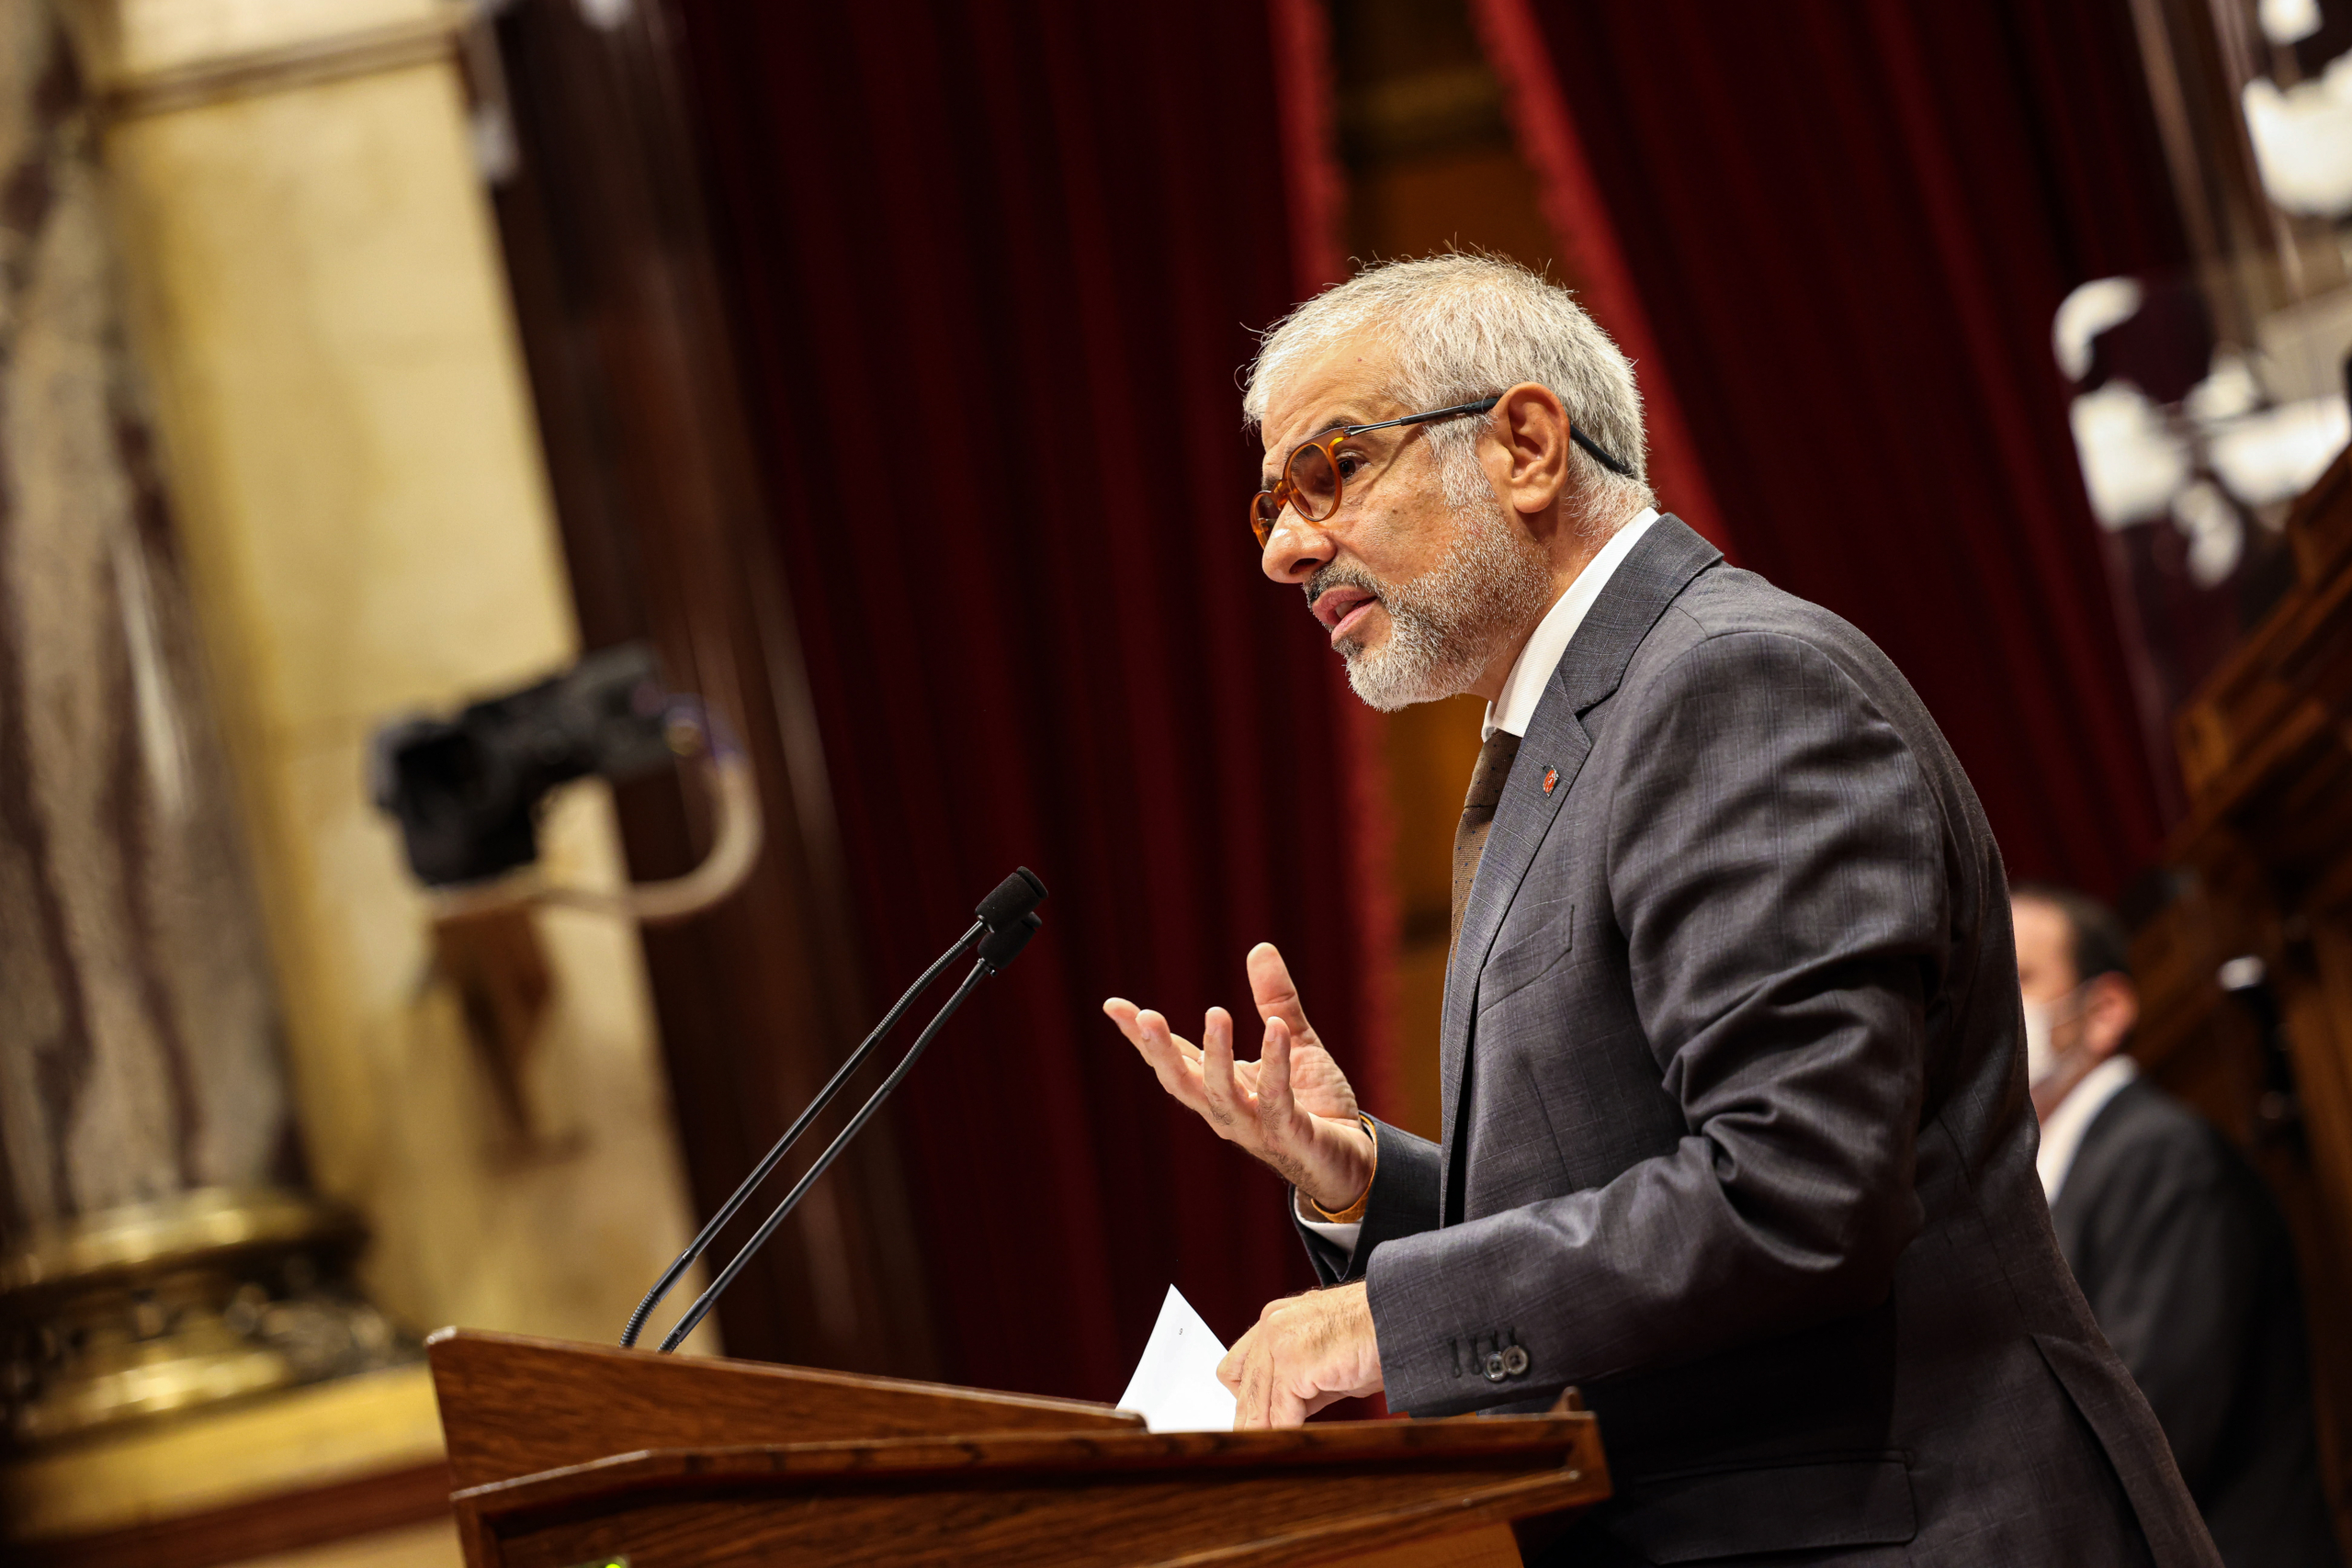 El líder de Ciutadans a Catalunya, Carlos Carrizosa, durant la rèplica al debat de política general / Jordi Borràs